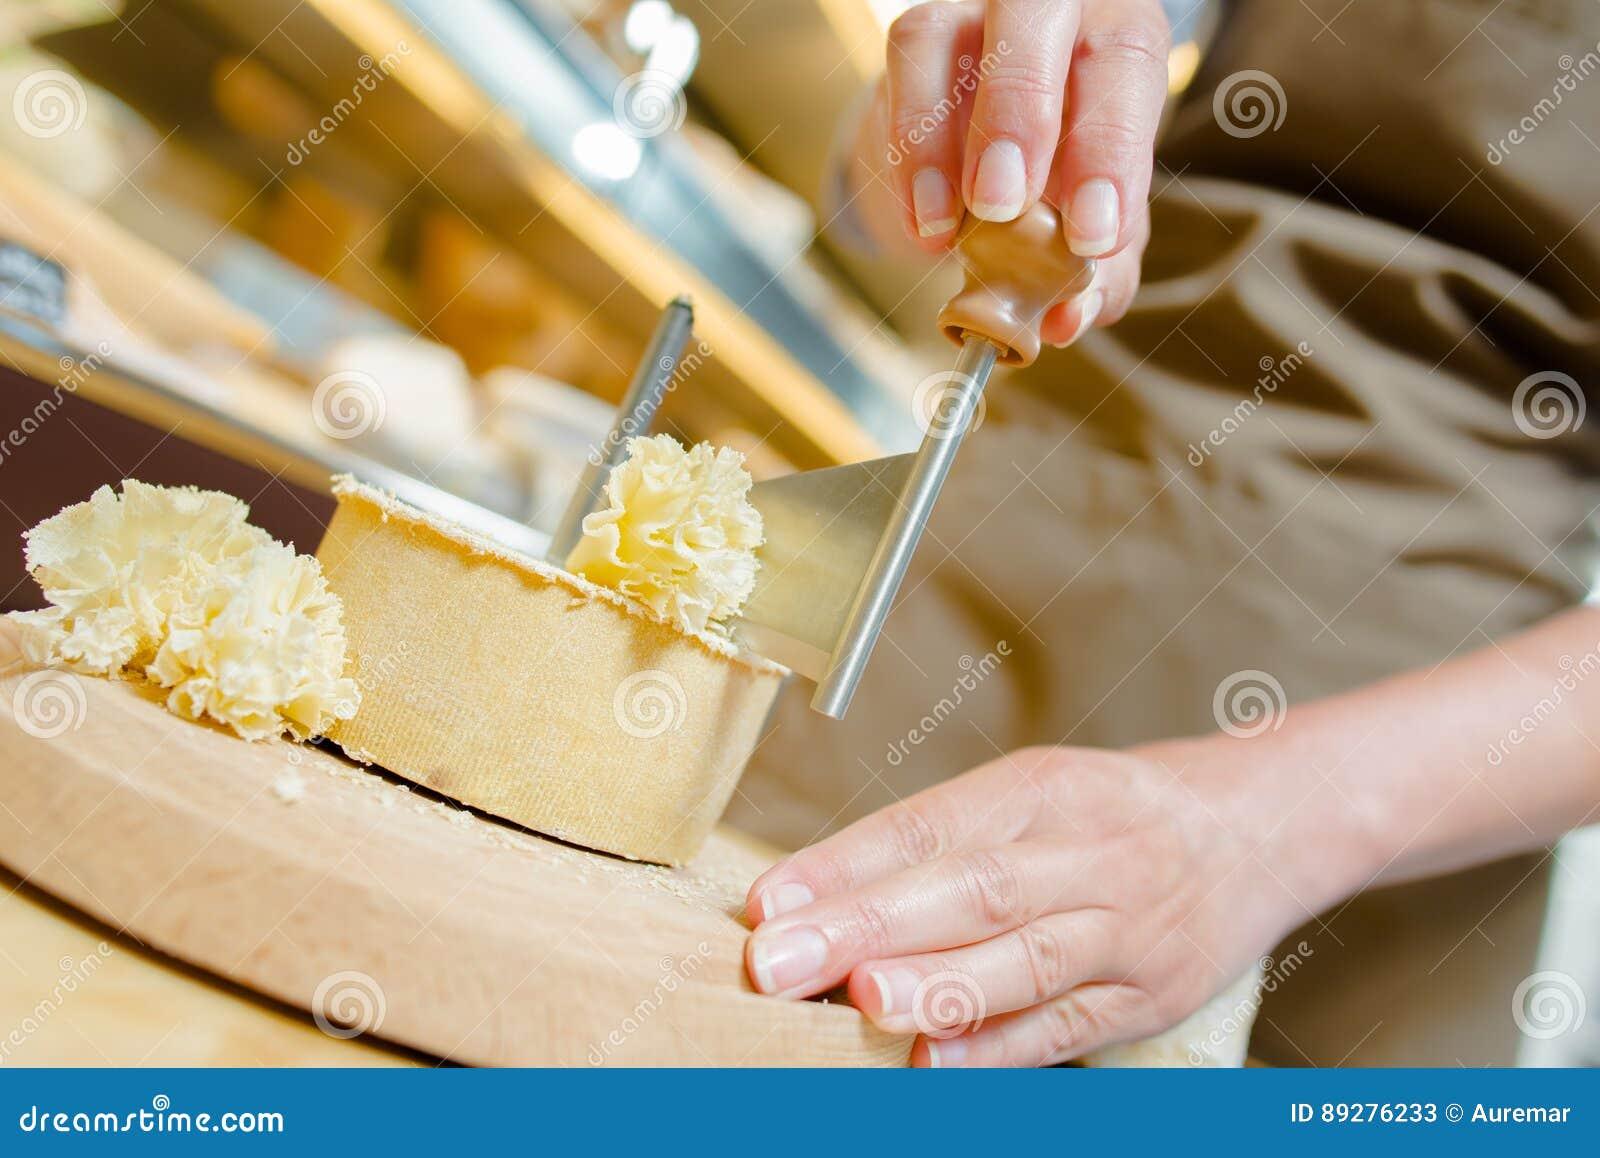 Le rasage pose outre du fromage